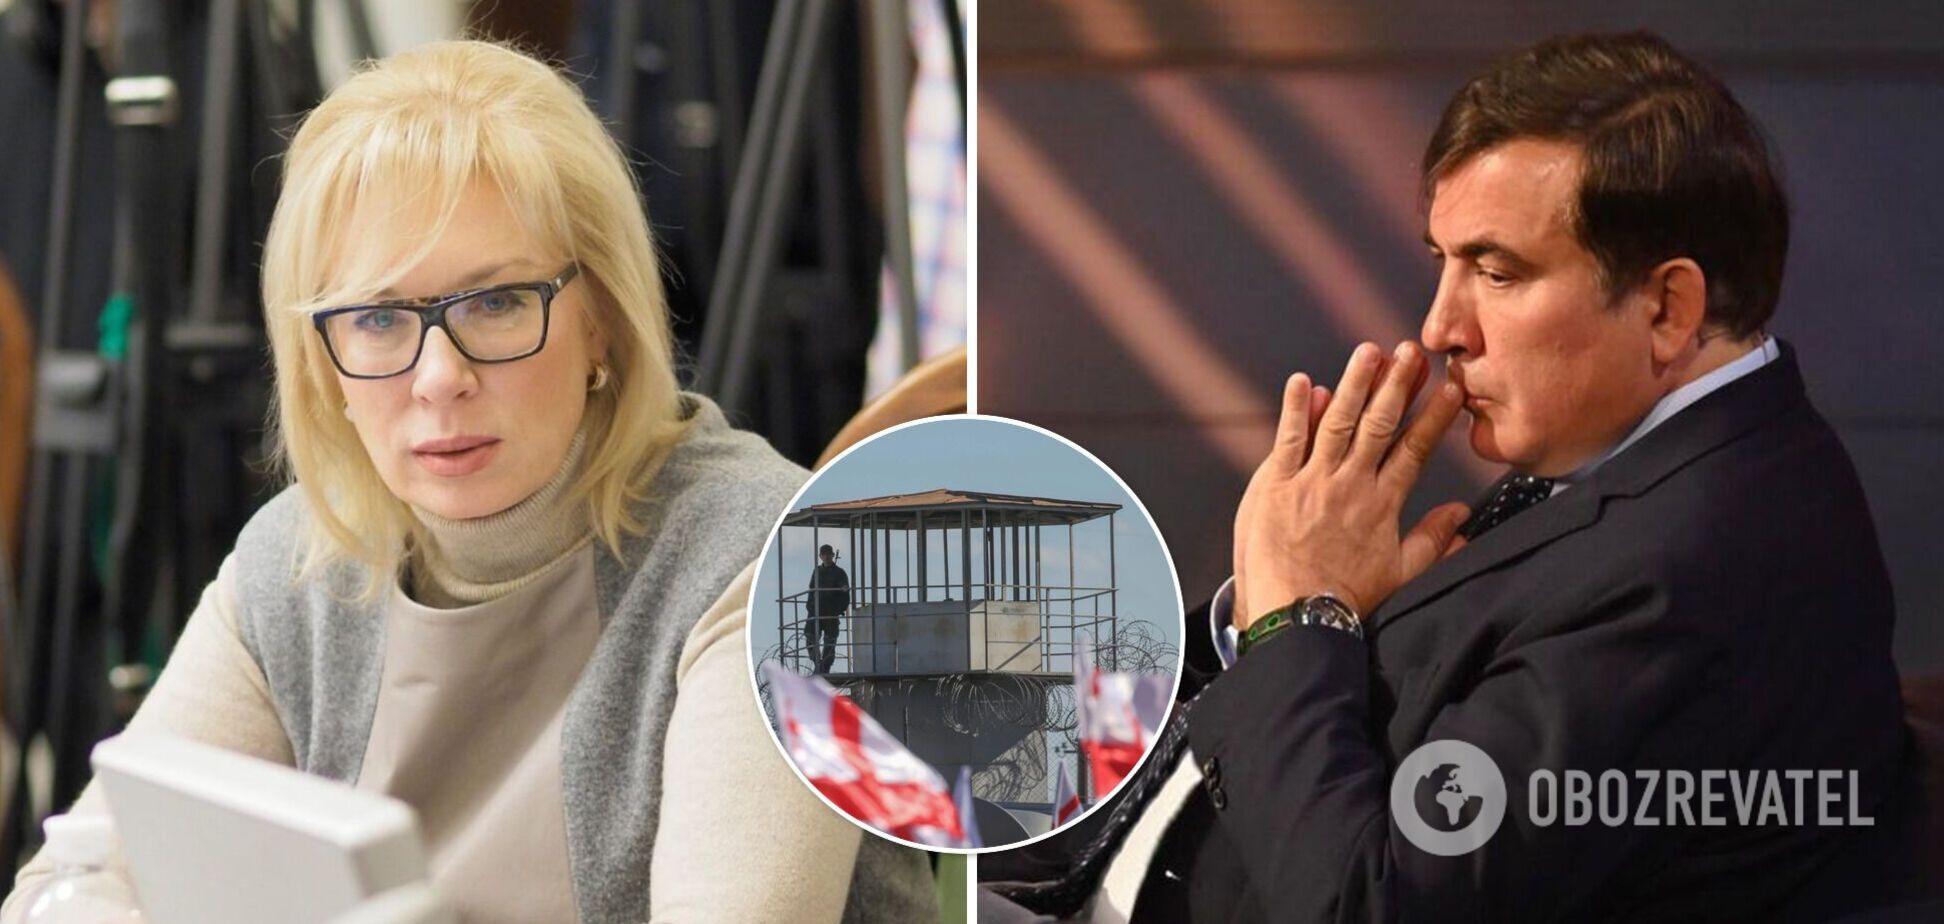 Денісова – про стан Саакашвілі: його двічі реанімували, він відмовився від тюремної медичної допомоги. Відео